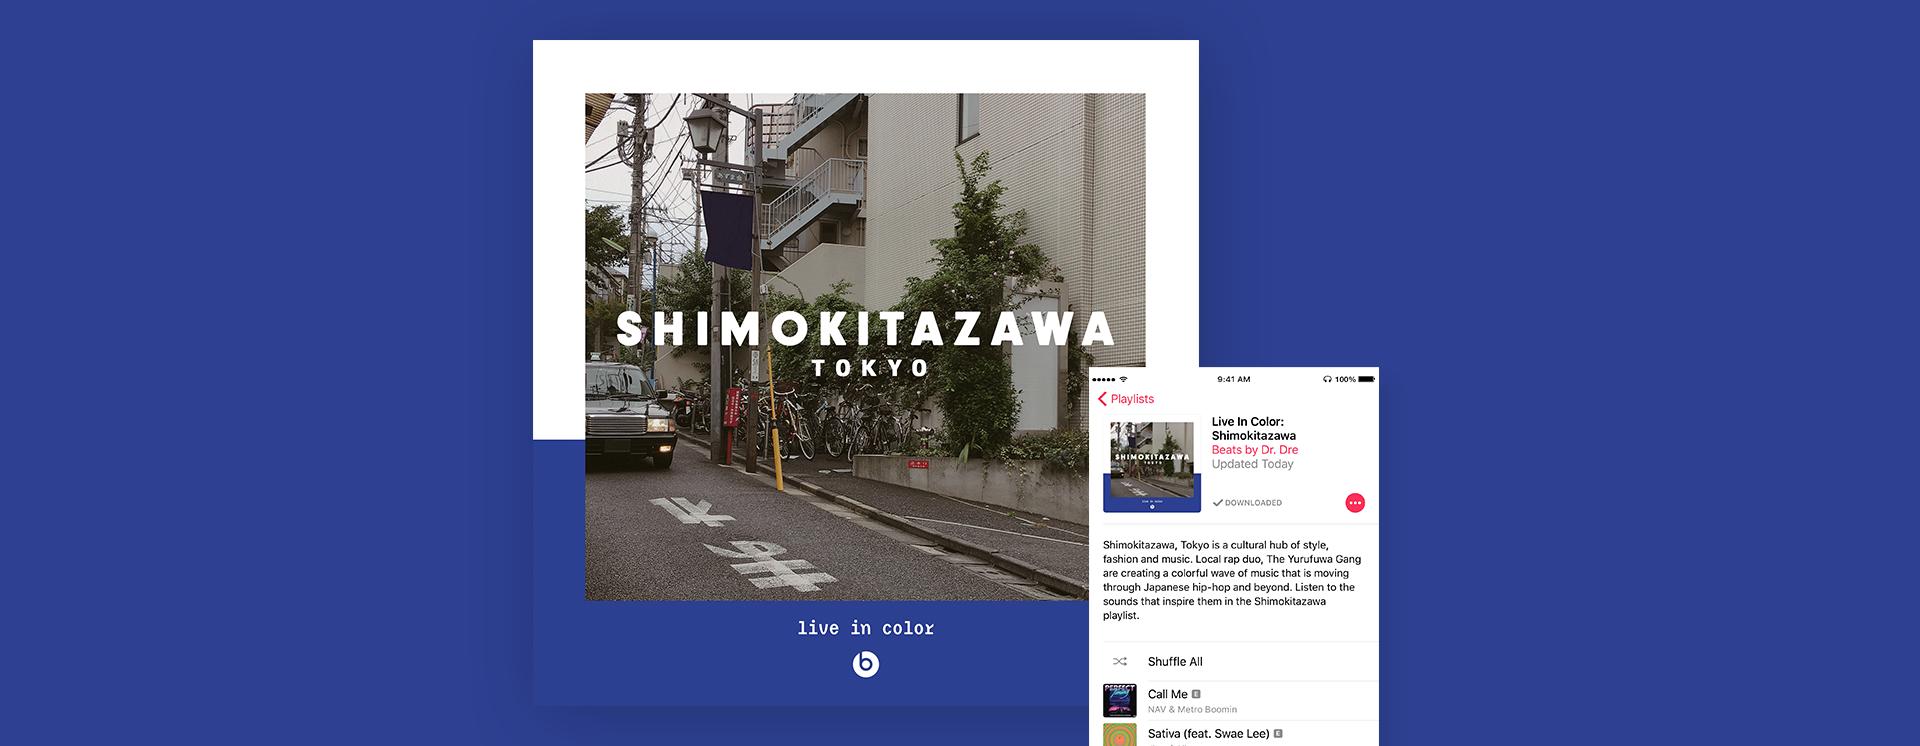 Playlist_Shimokitazawa.png